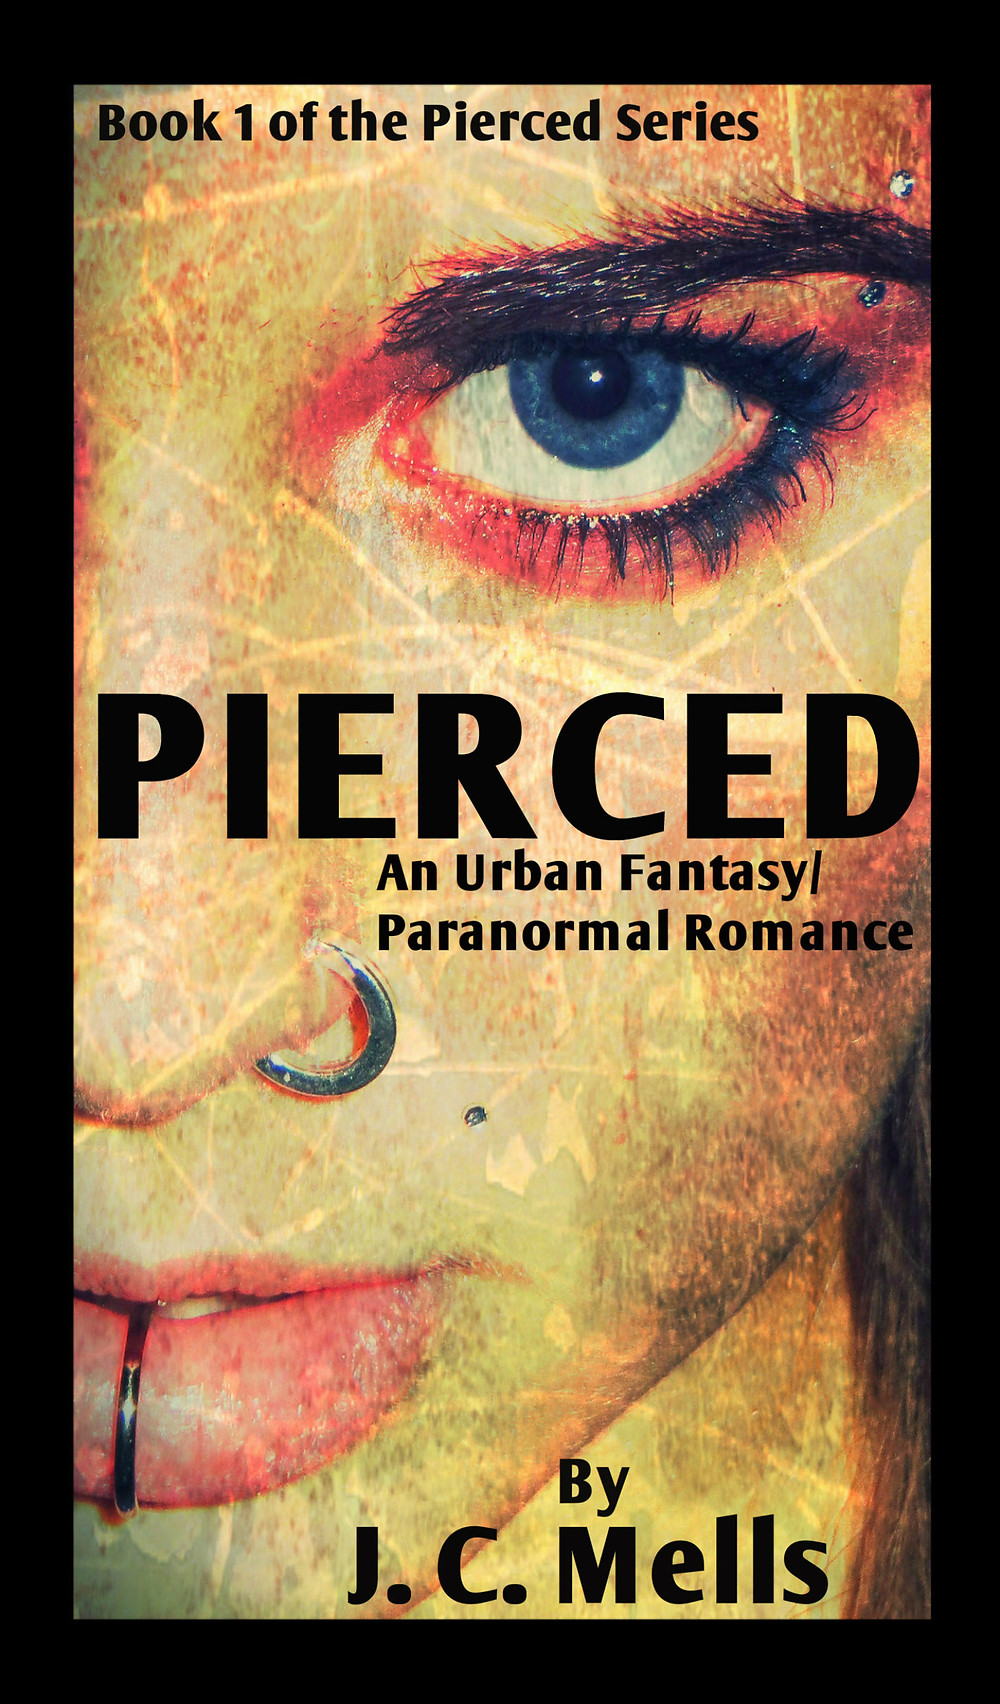 PIERCED Book Cover.jpg